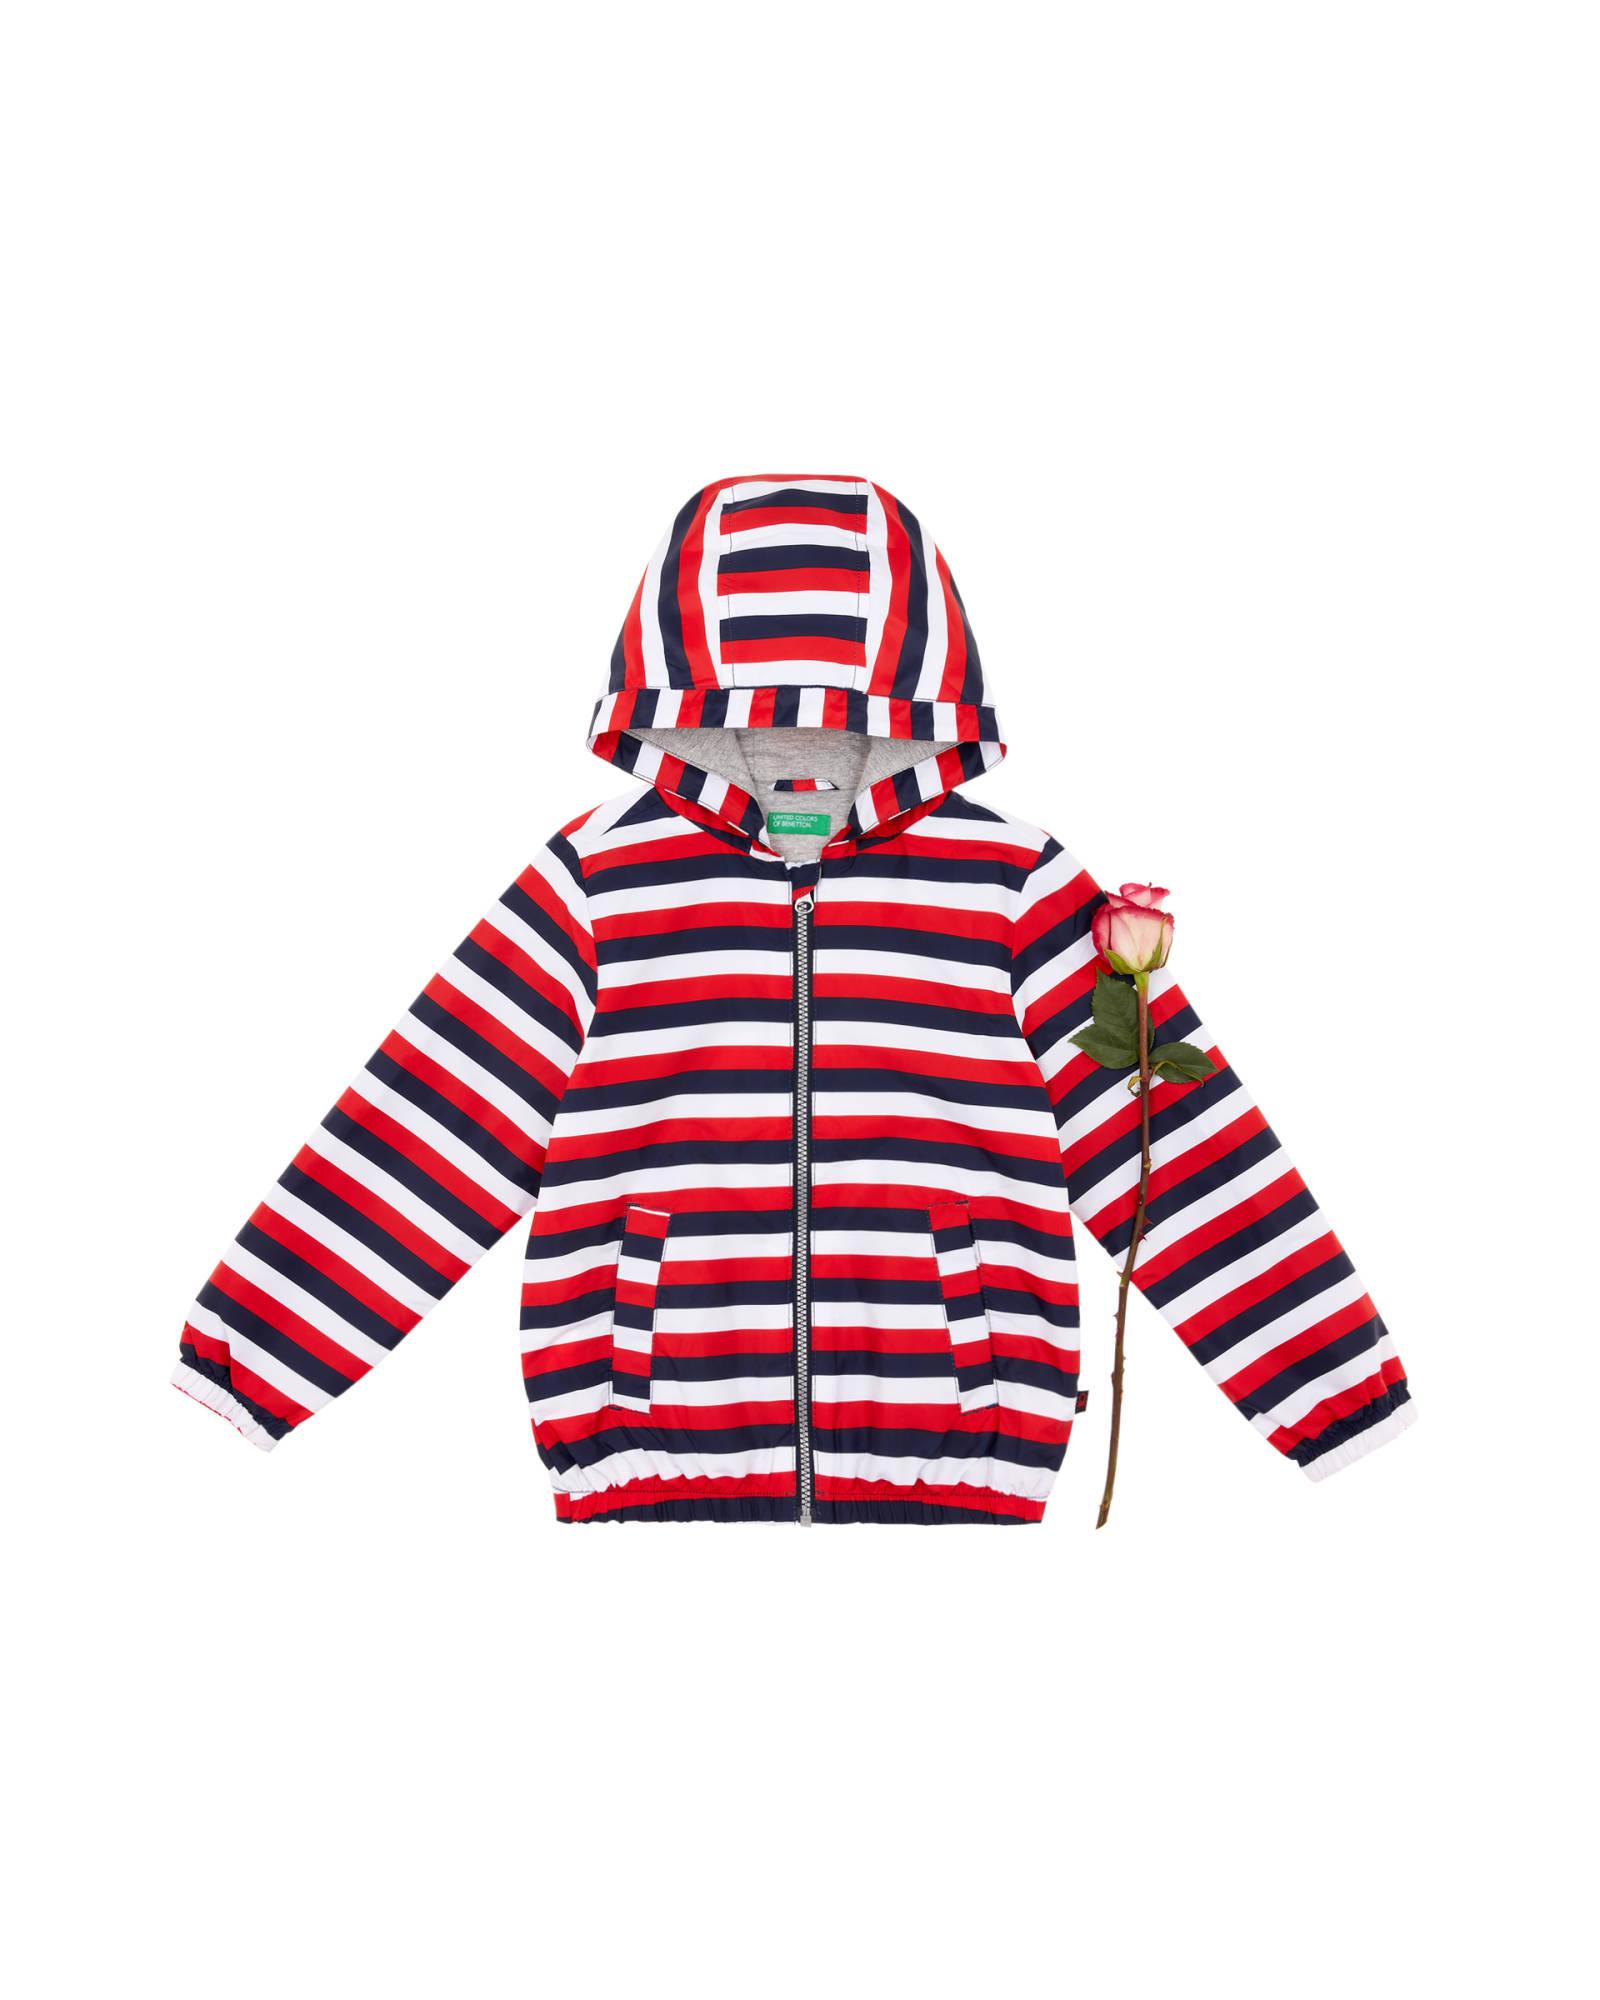 Αγορίστικη Ένδυση Παιδική Collection 2019  8d6395ffe09